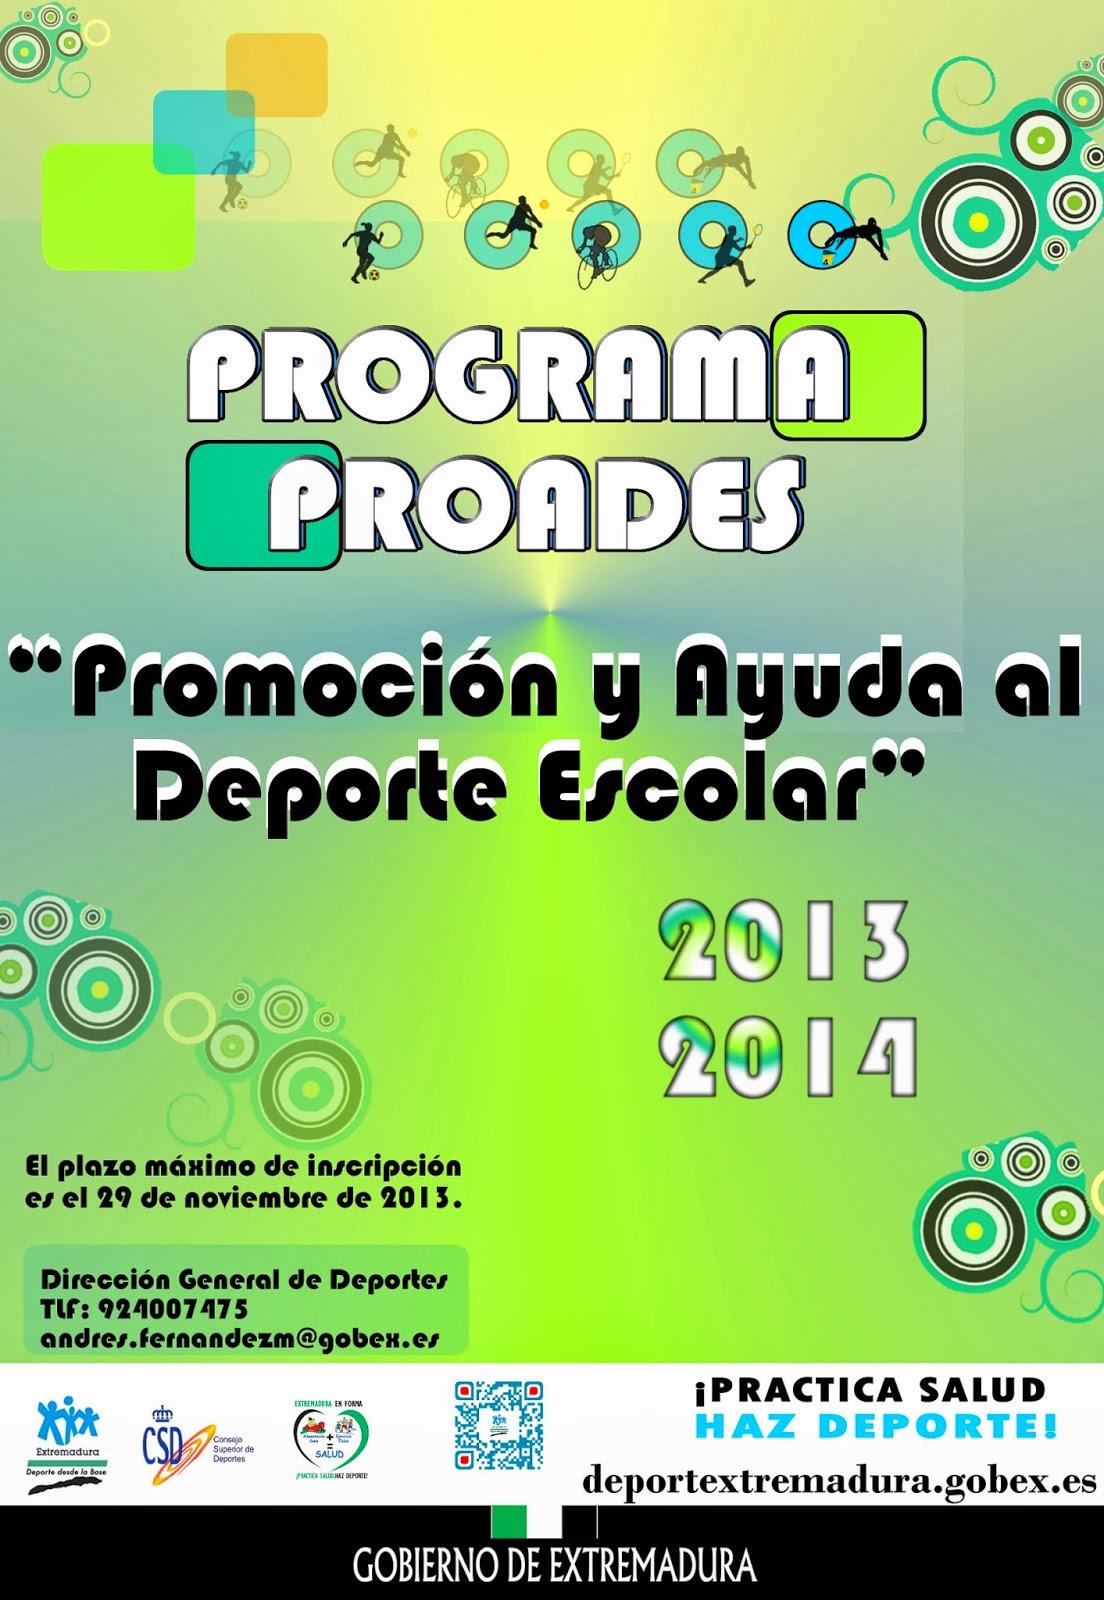 http://deportextremadura.gobex.es/index.php/actualidad/722-proades-2014